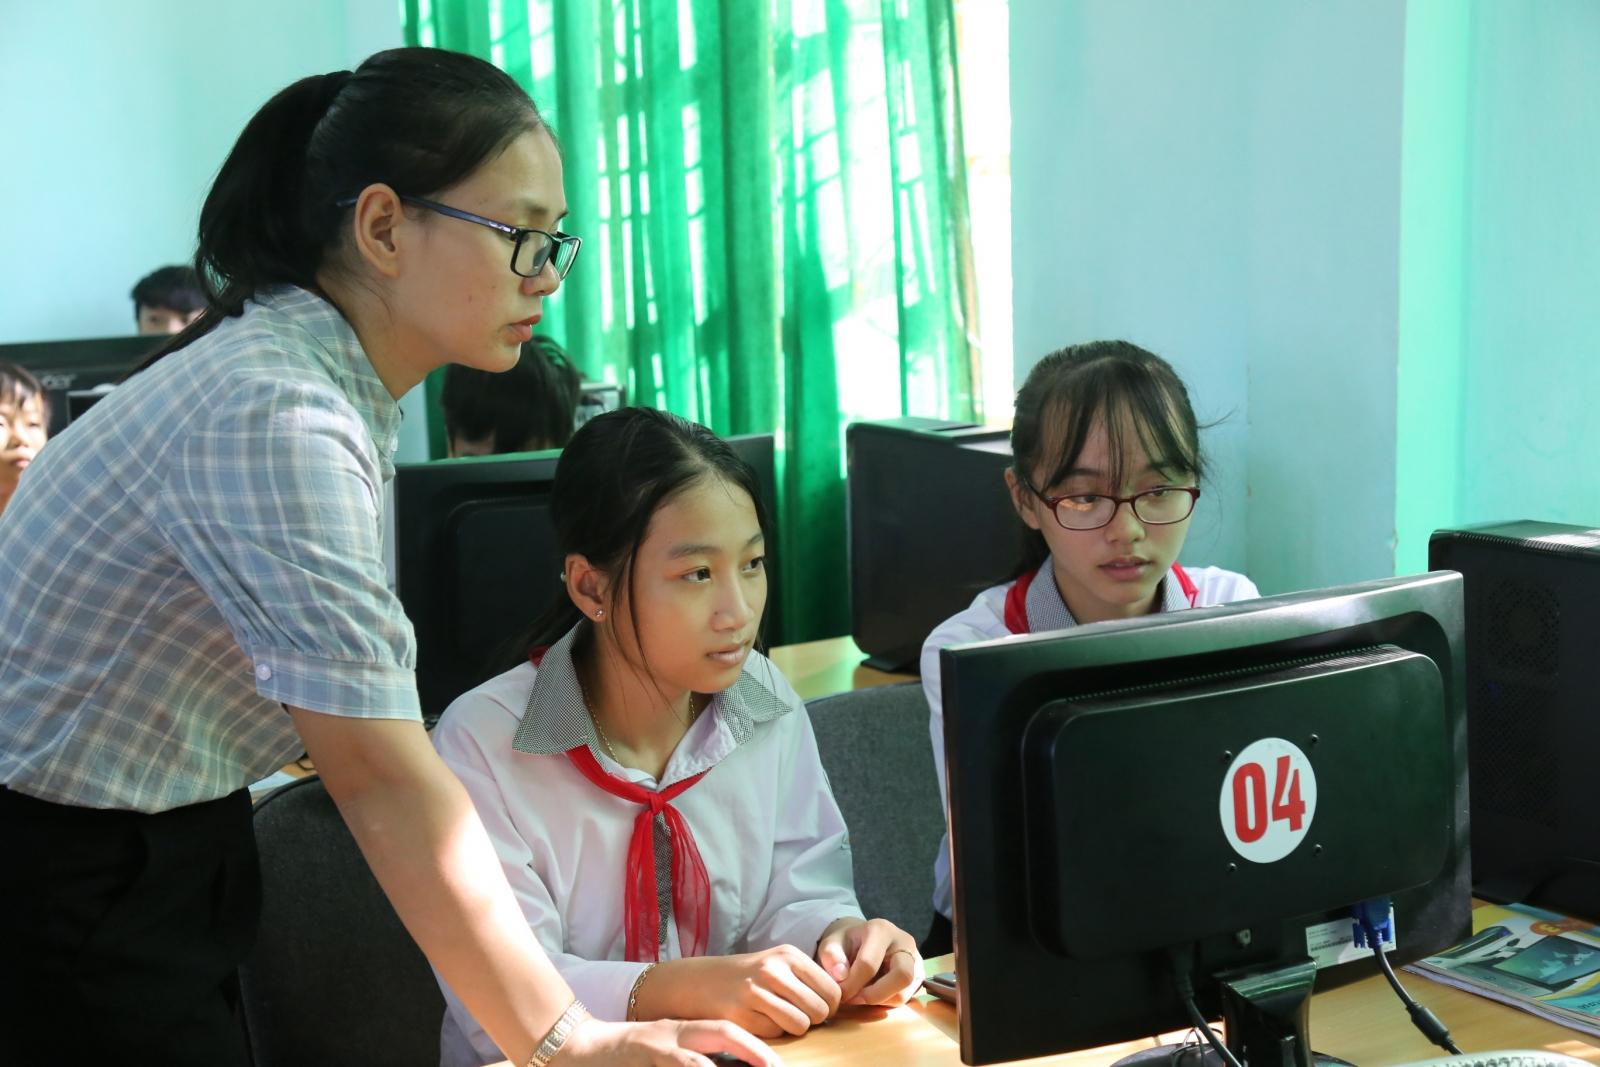 """Quảng Bình: Hiệu quả từ việc """"Chuyển đổi số thúc đẩy học tập suốt đời"""""""